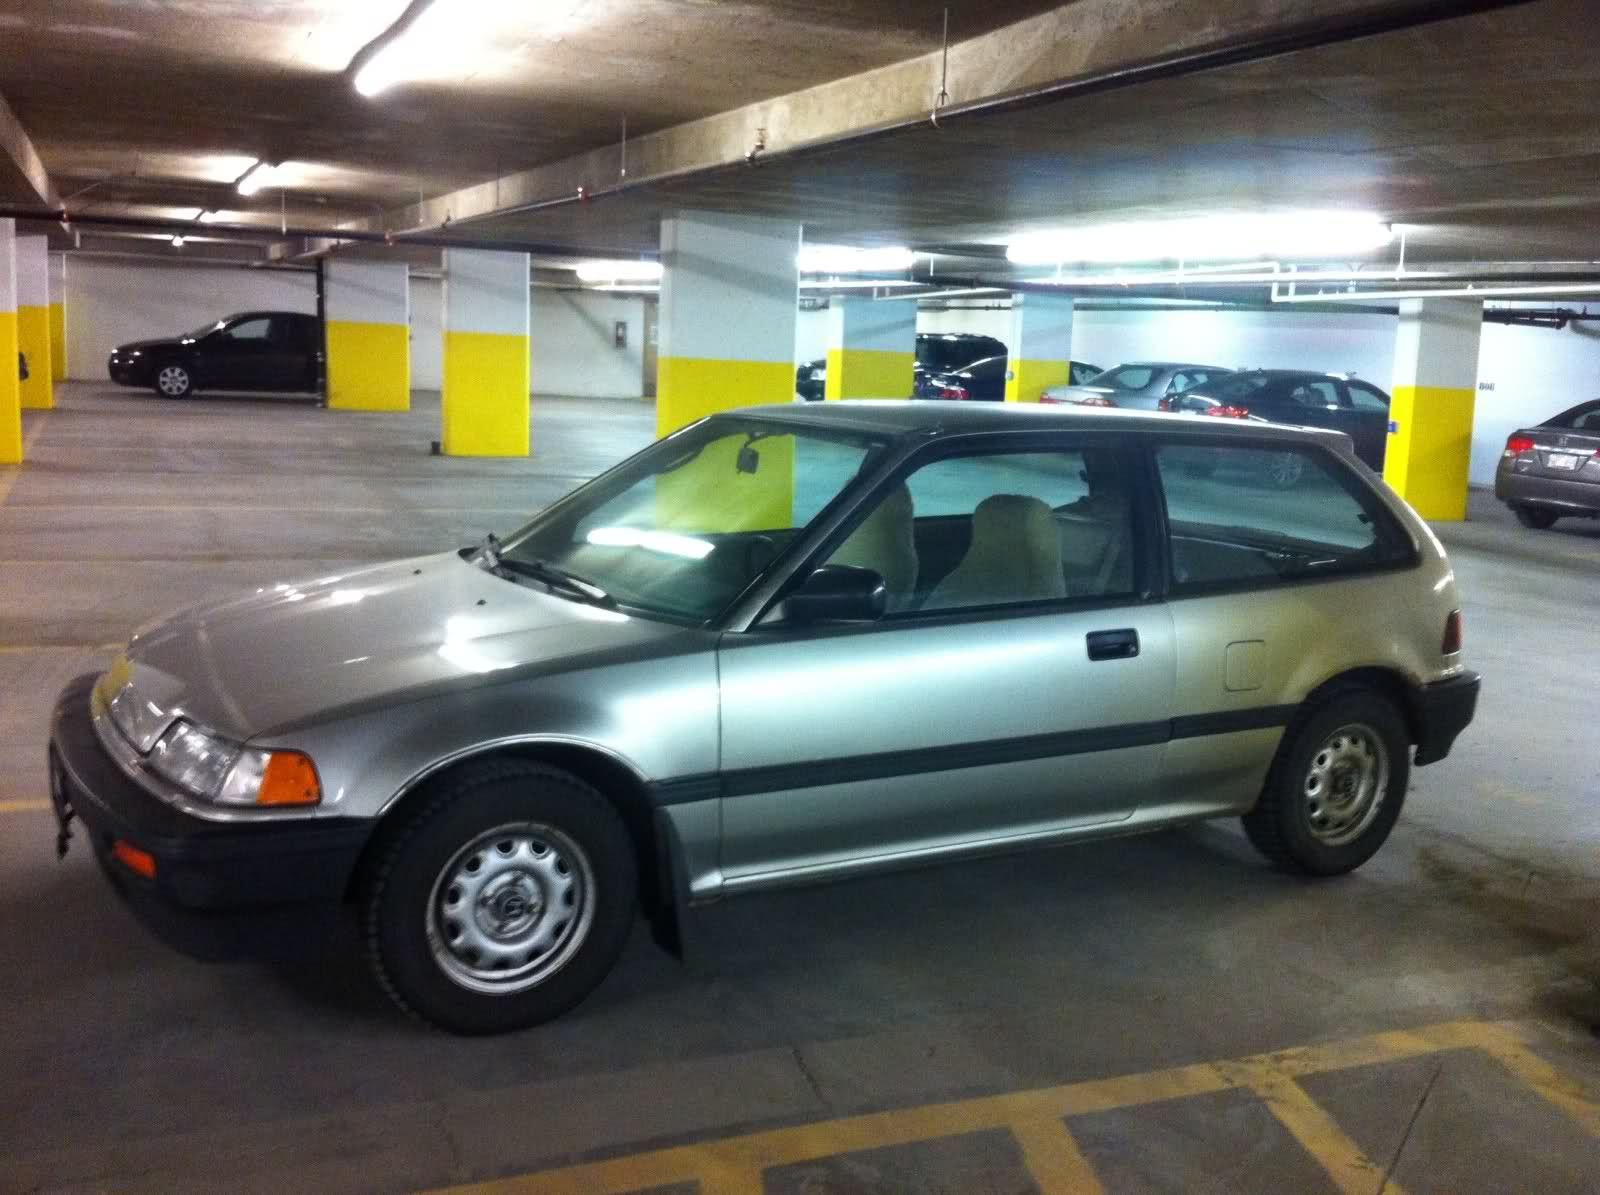 Honda civic dx 4th generation my old car 1988 1989 for Honda civic 1988